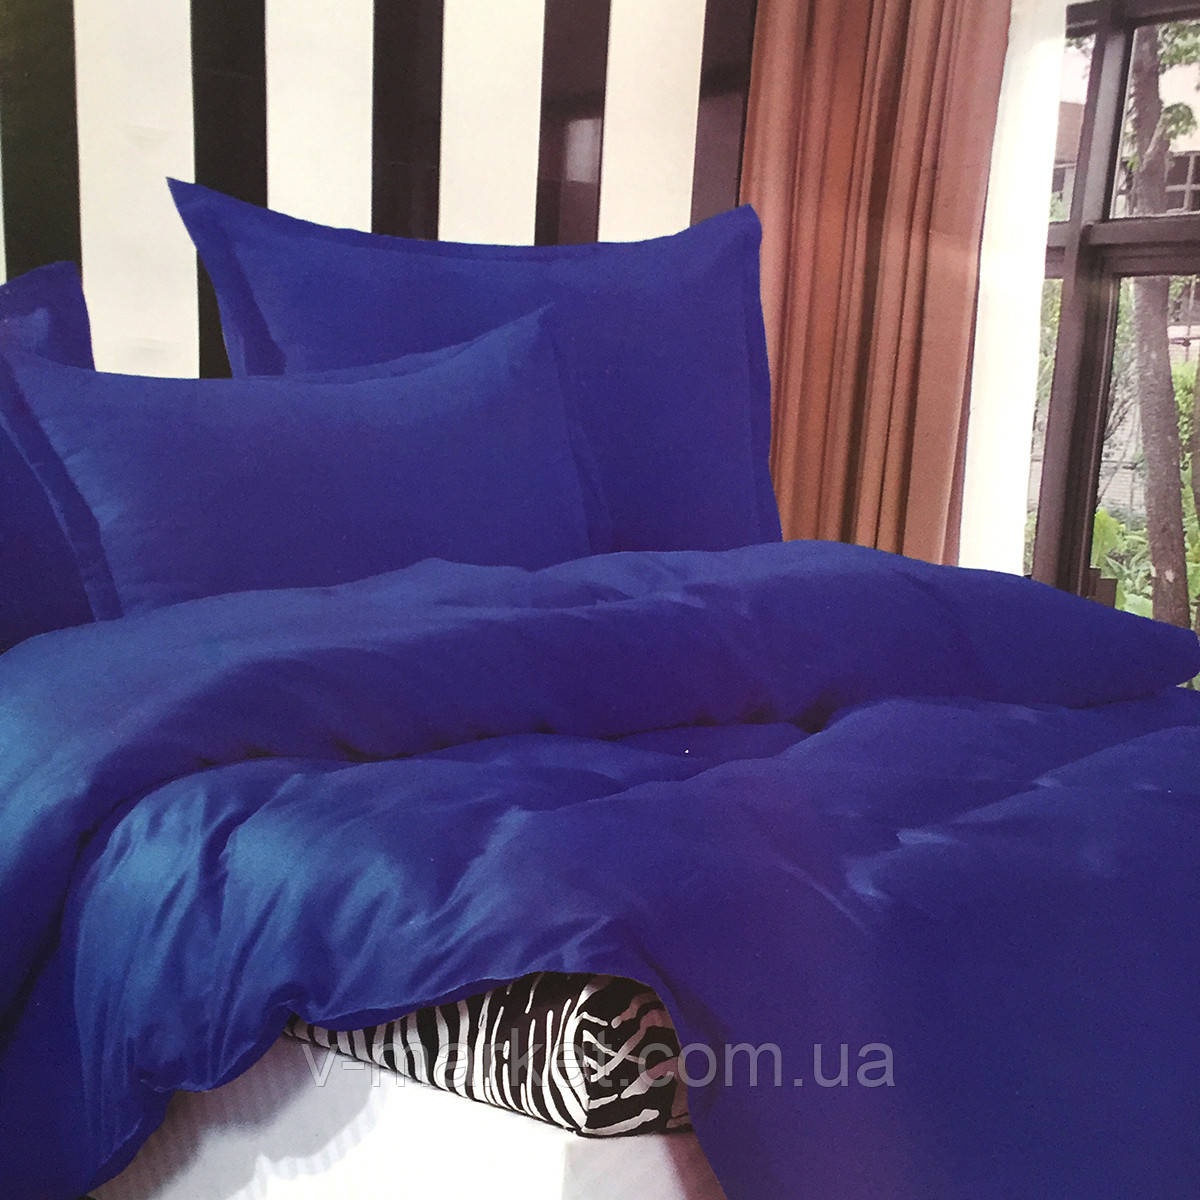 """""""Синий"""" комплект постельного белья двуспальный размер 180/220 см с большой евро простыней, ткань страйп-сатин"""